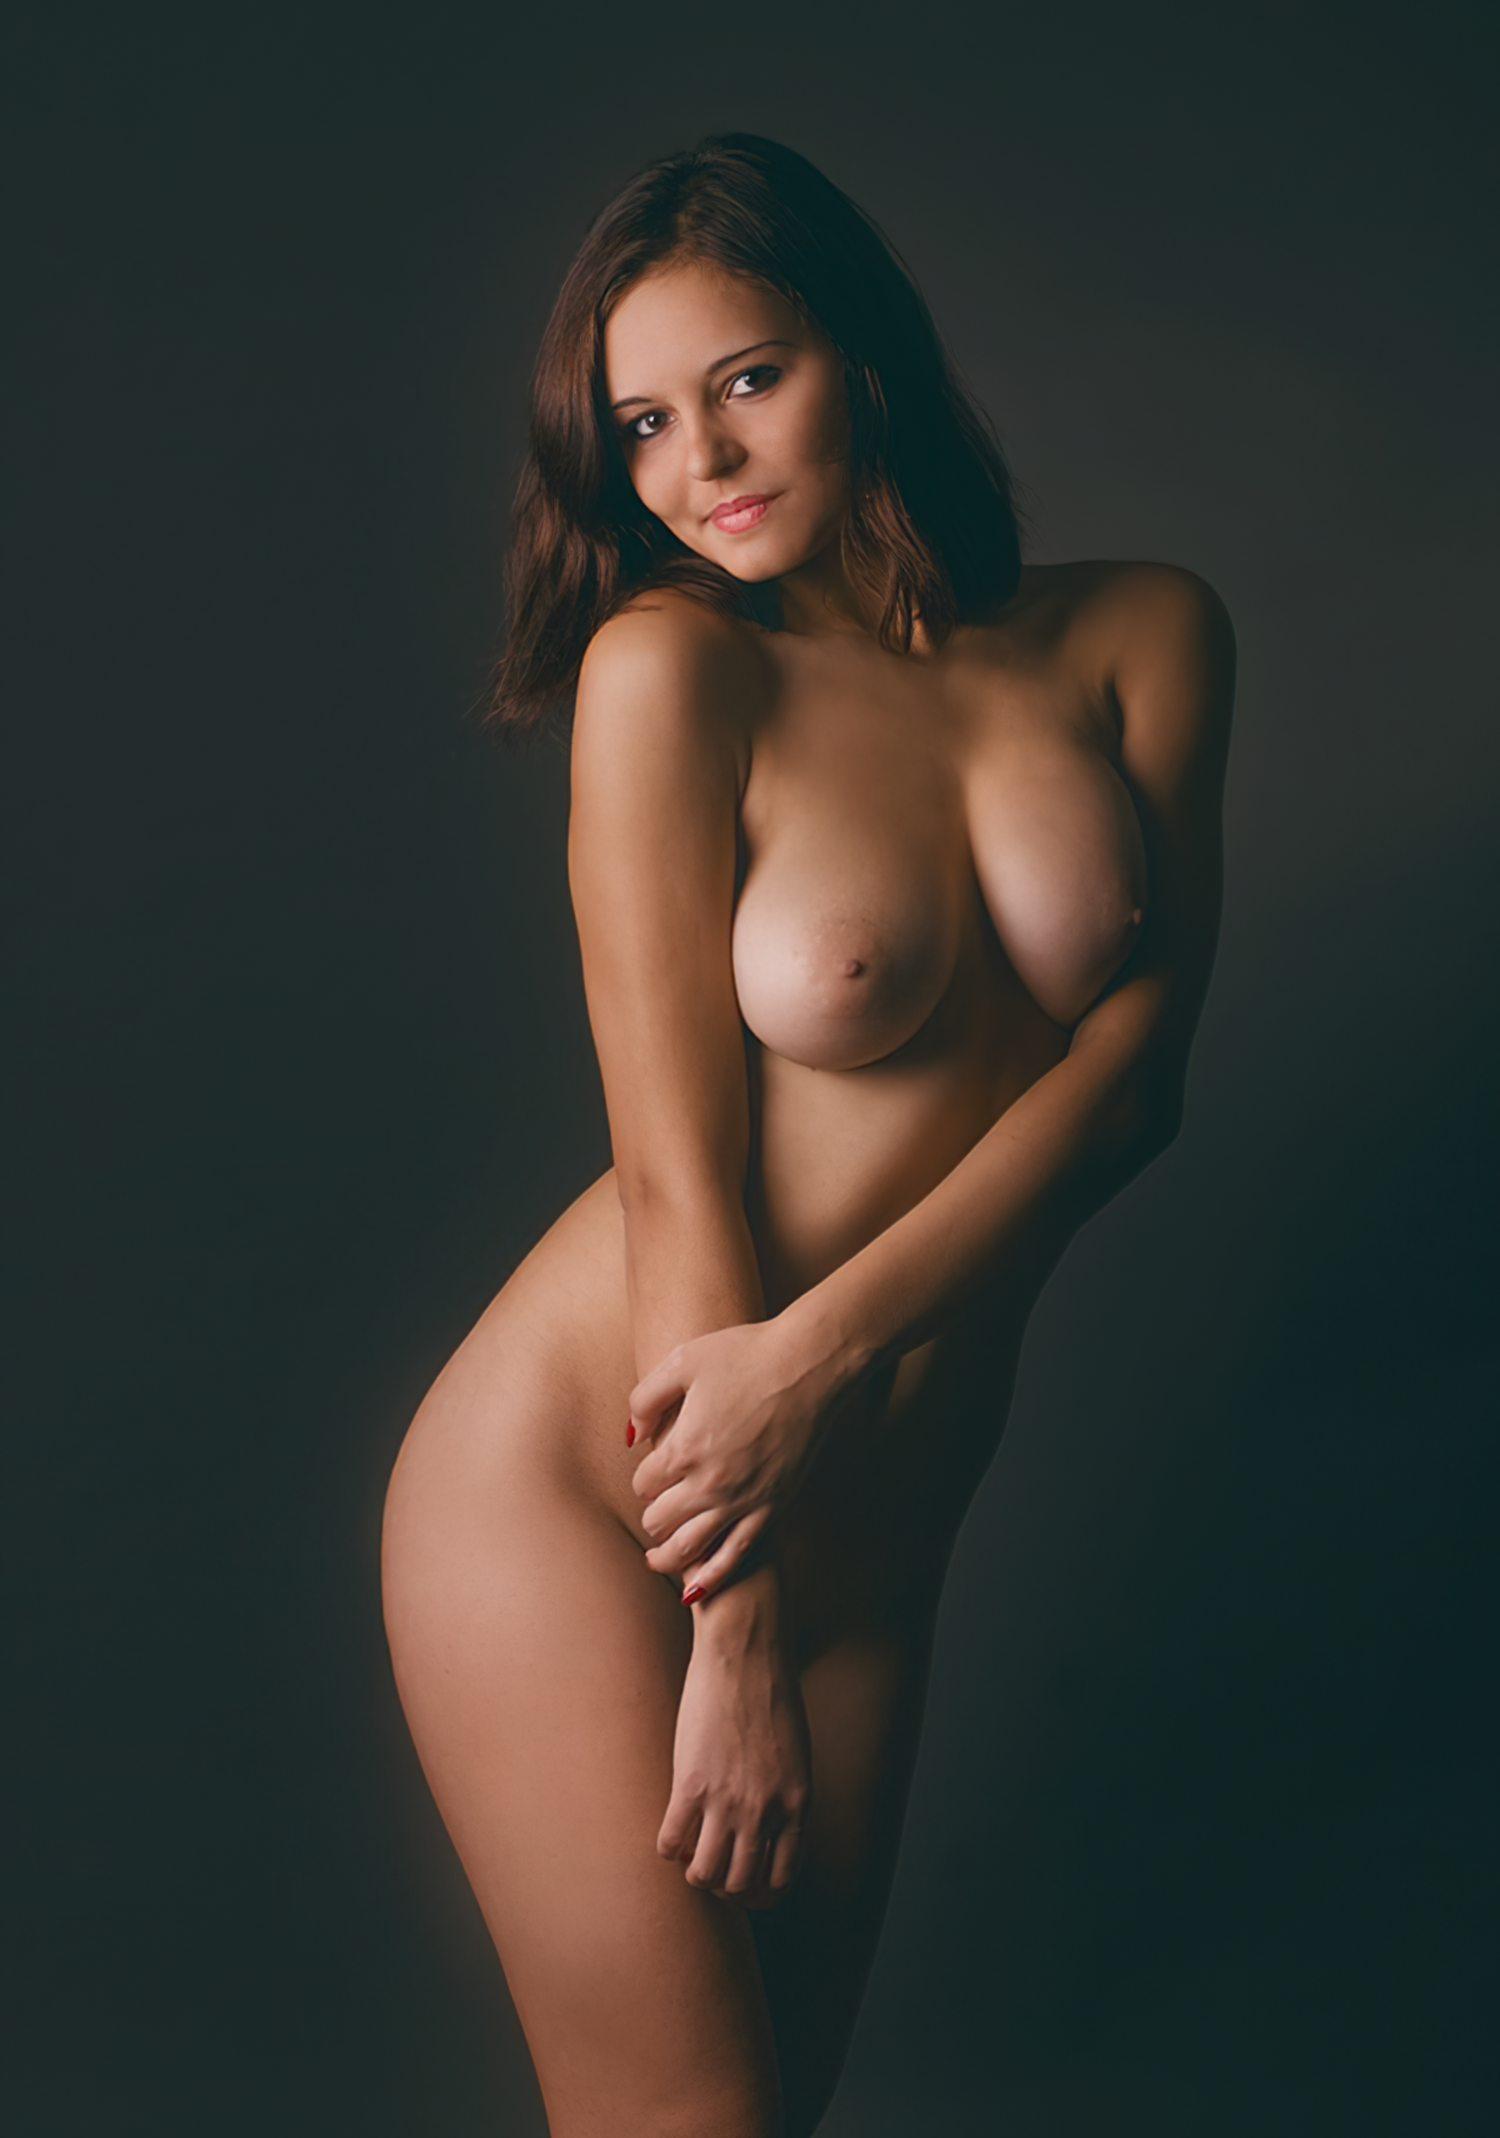 Mulheres Bonitas (31)